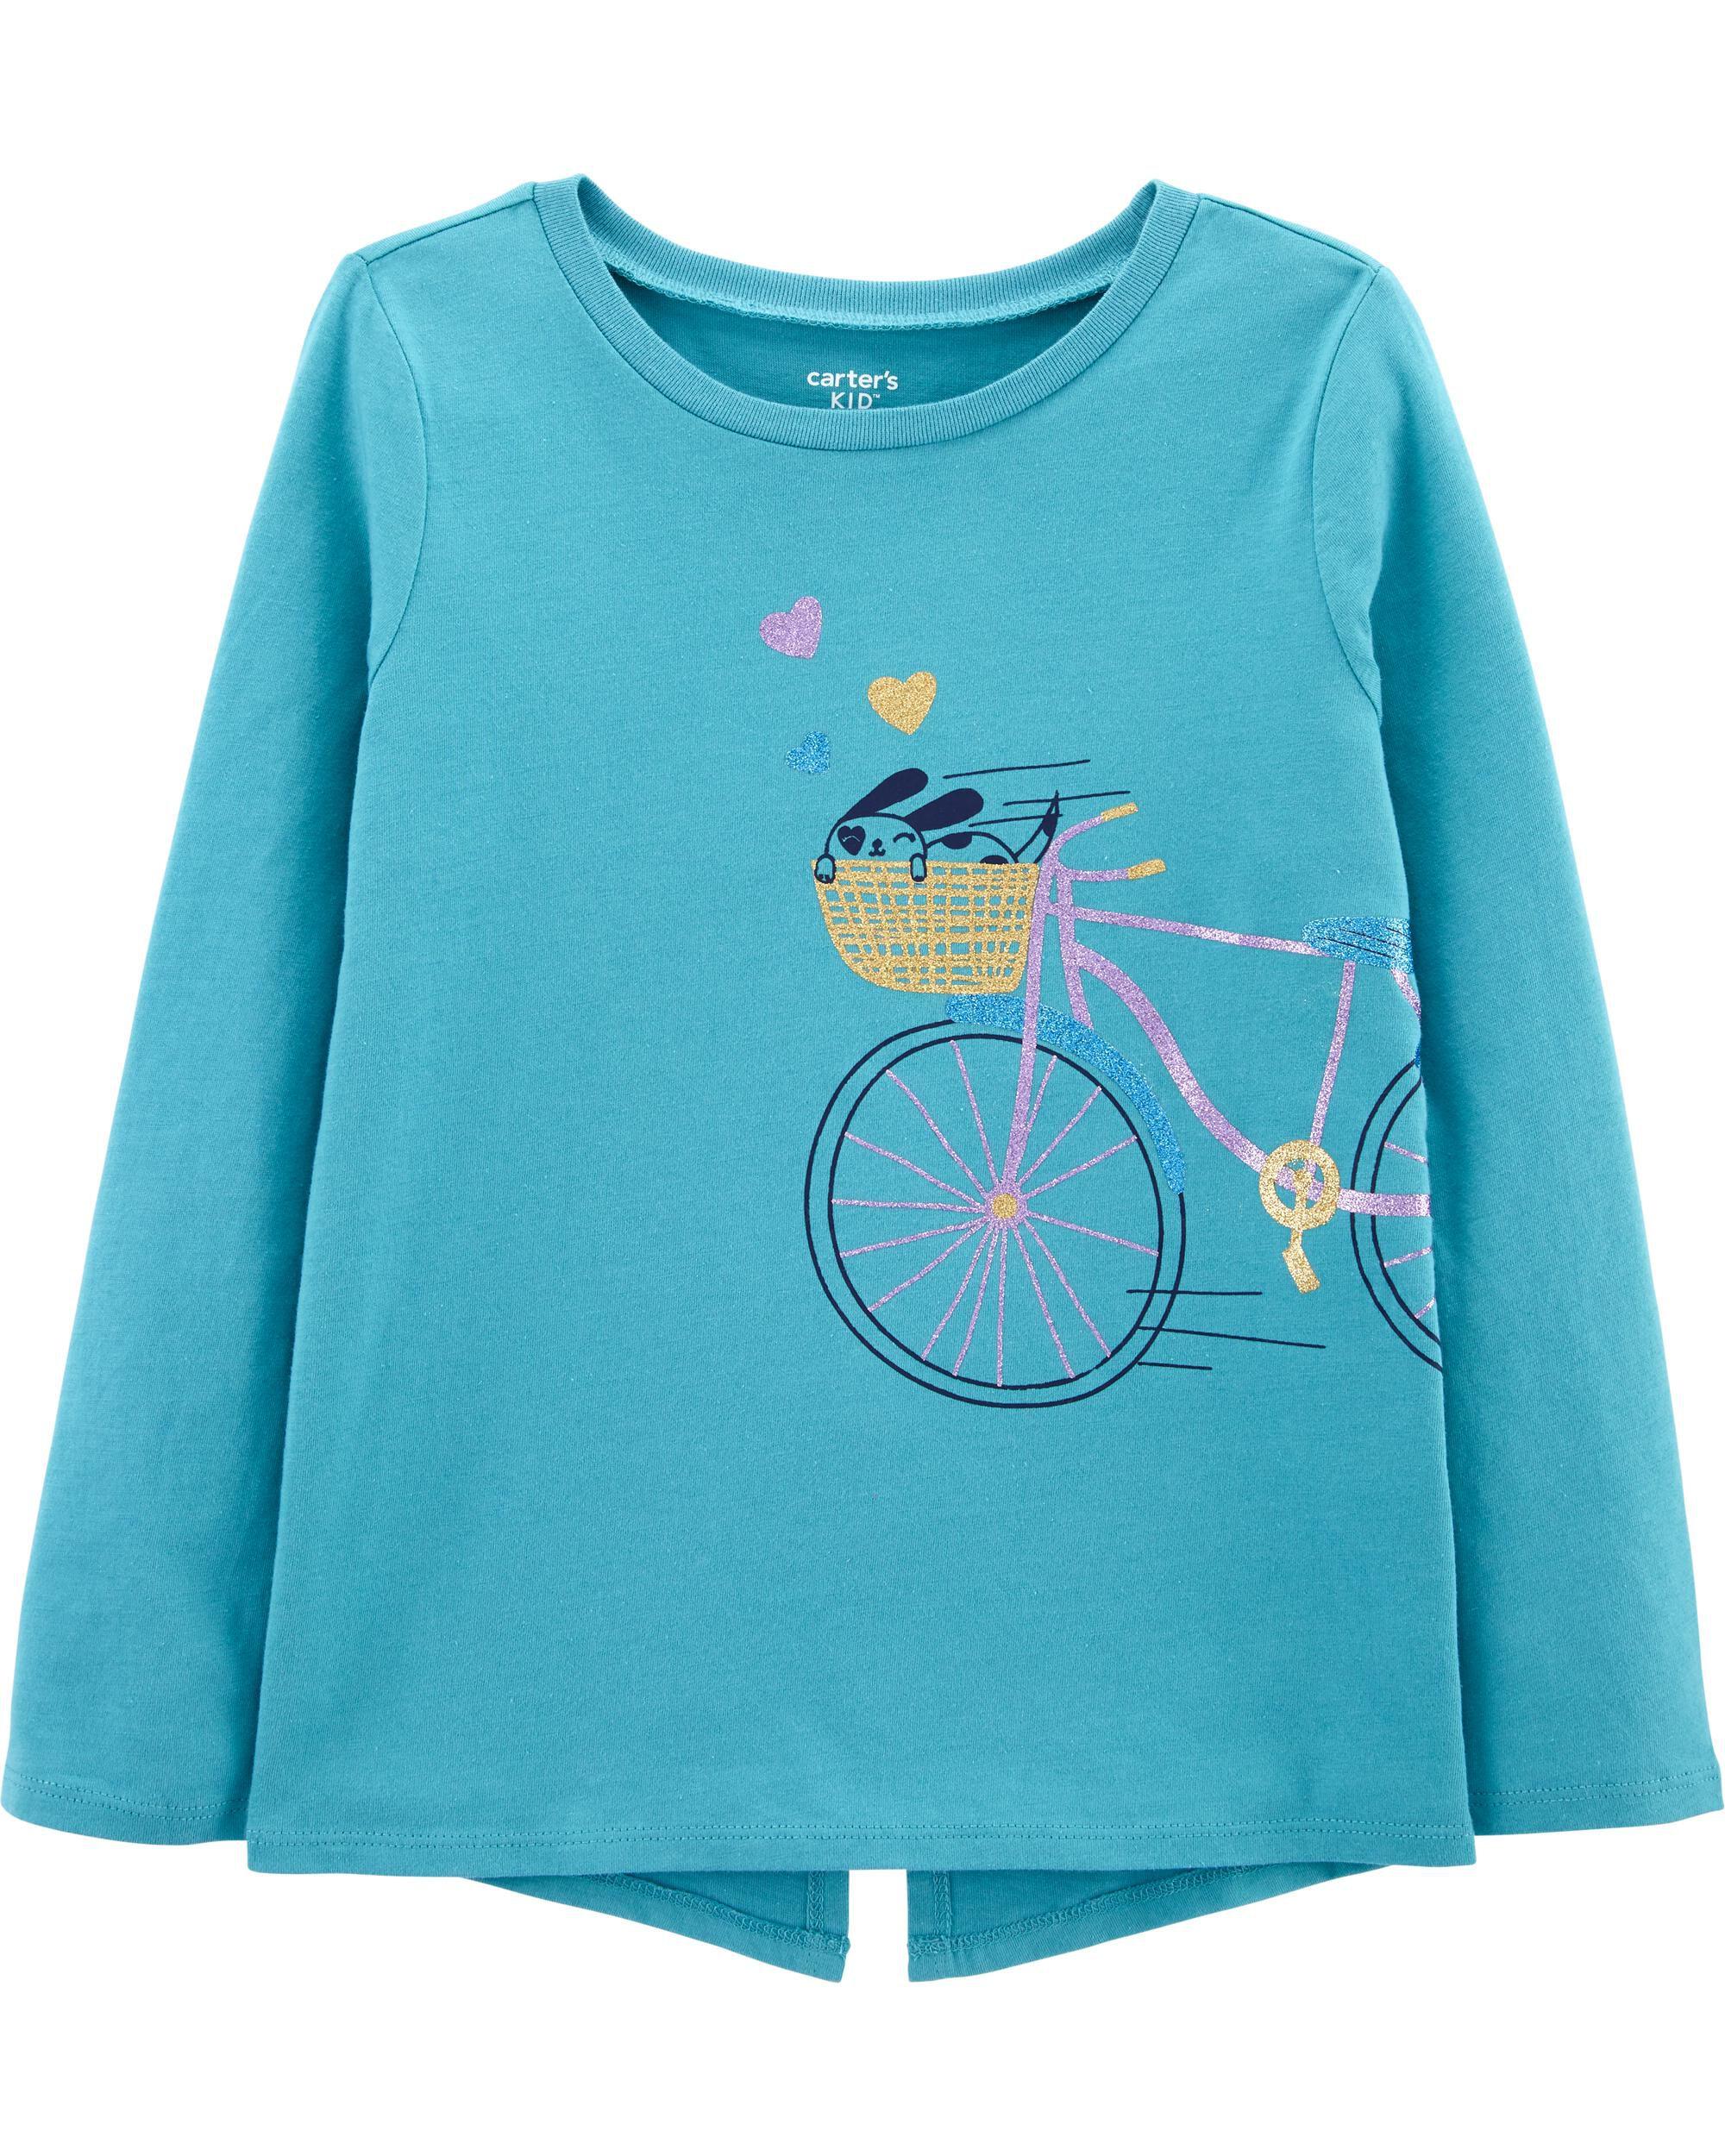 *DOORBUSTER* Bicycle Jersey Tee